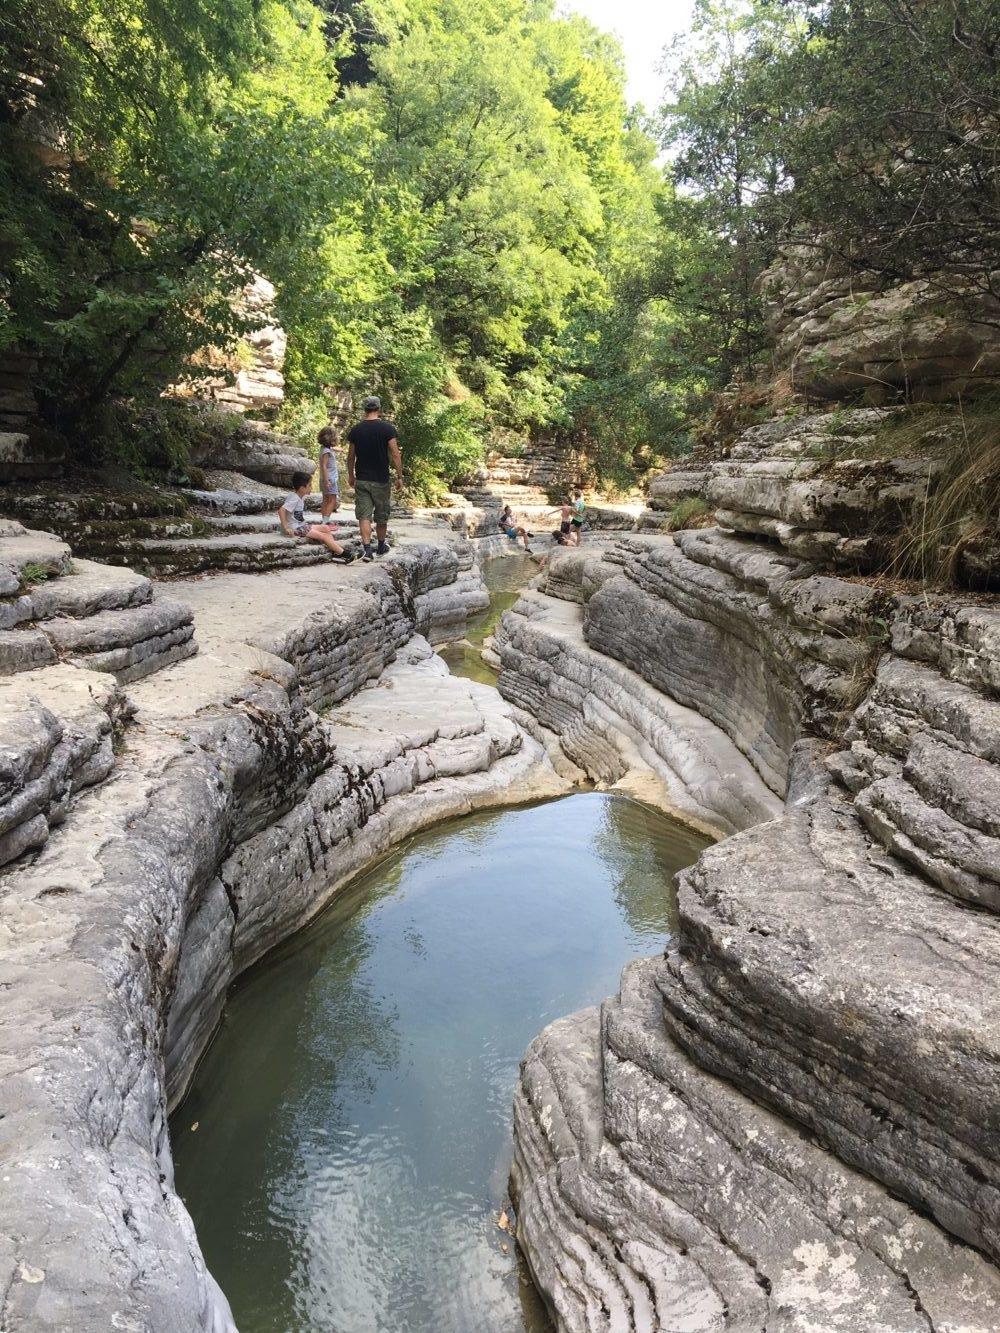 piscines naturelles papingo zagories nord de la Grèce